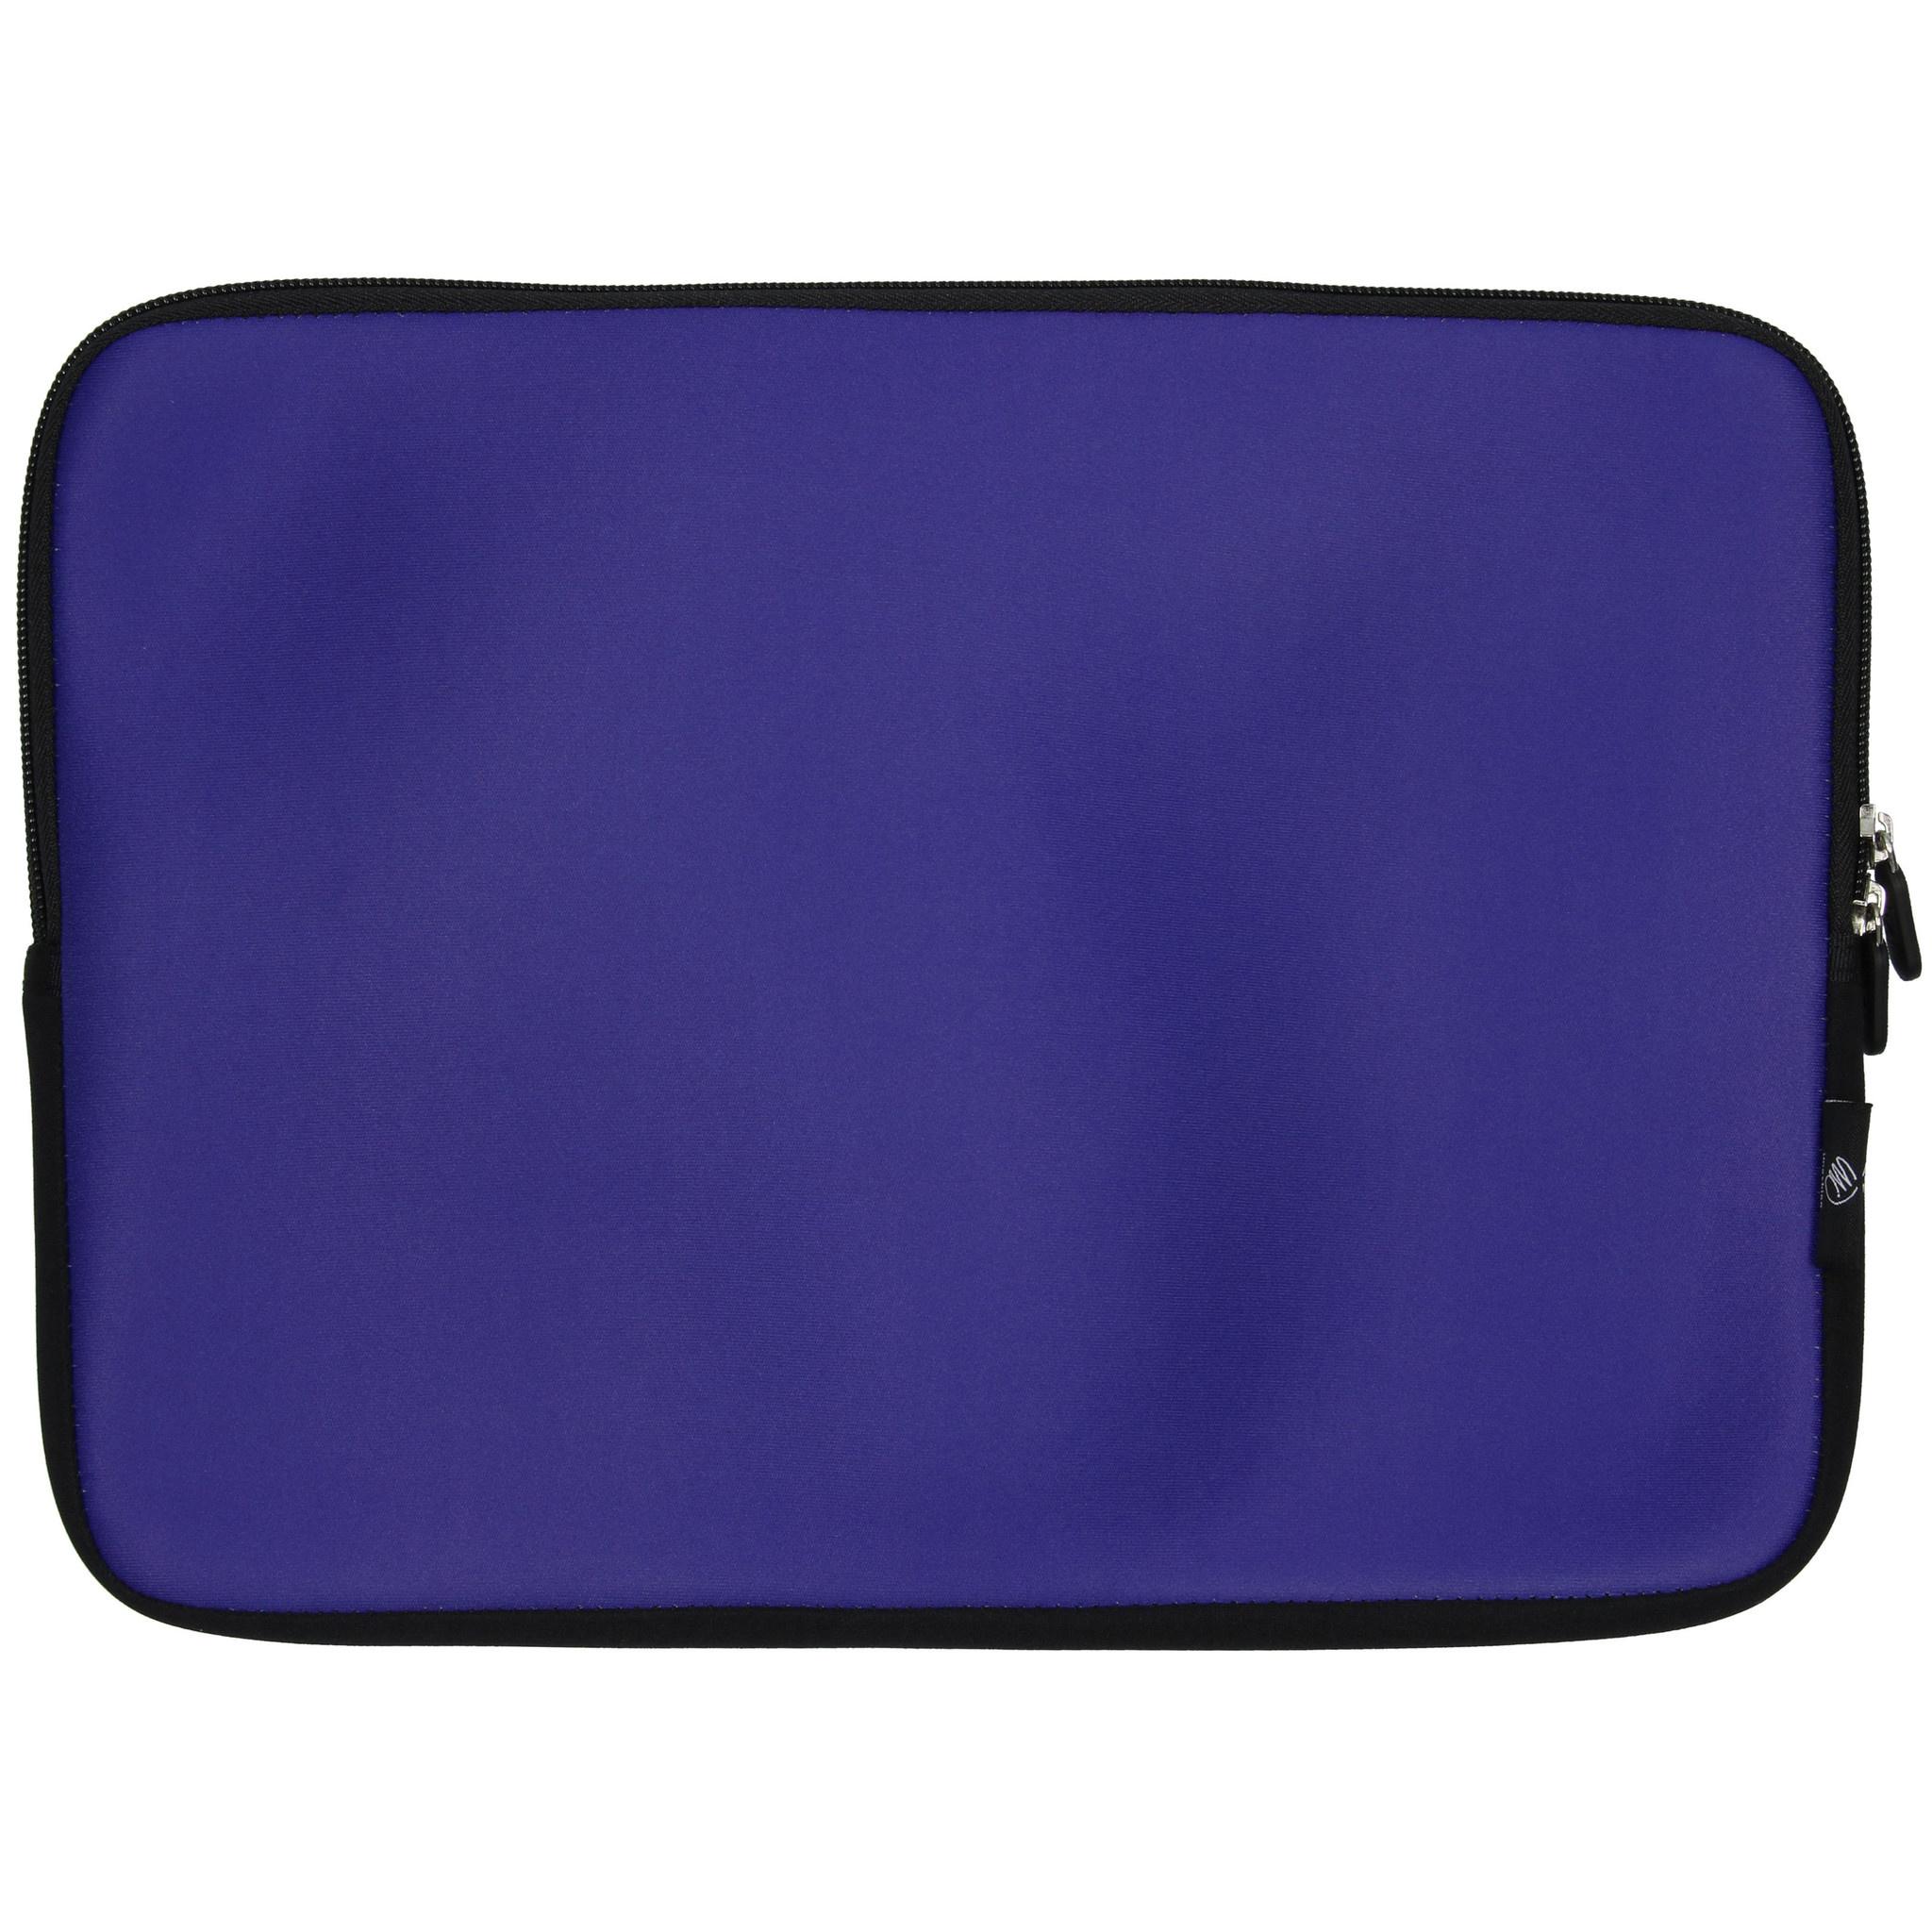 iMoshion Universalhülle mit Griffen 15 Zoll - Violett